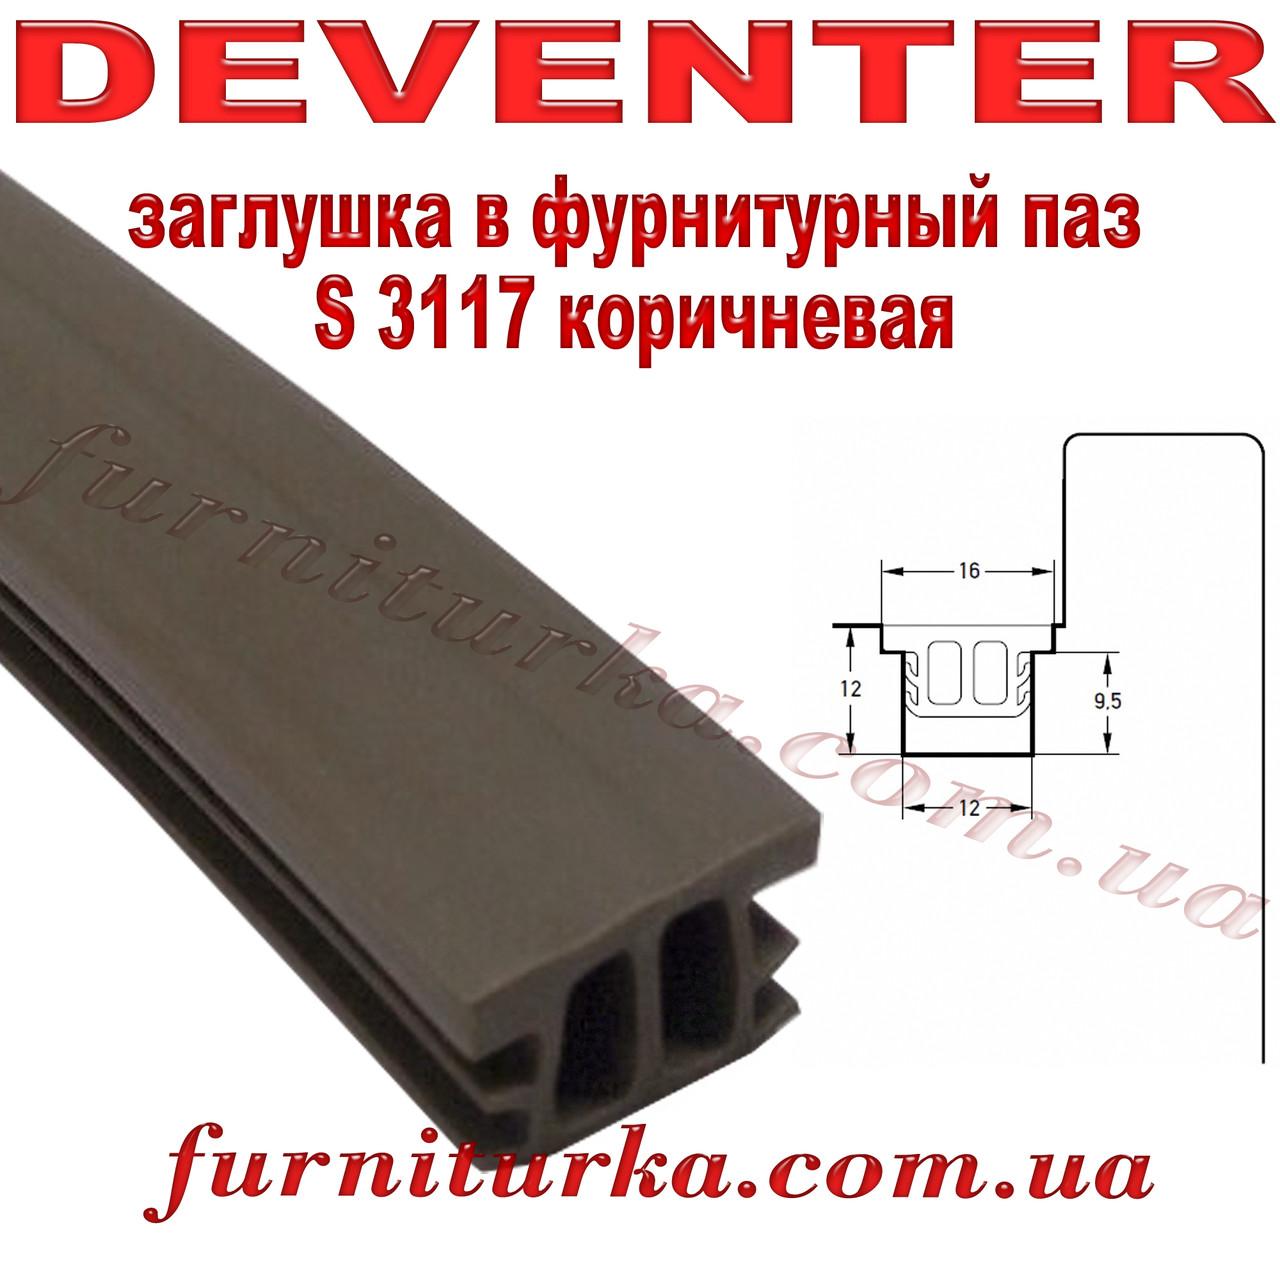 Заглушка в фурнитурный паз Deventer S 3117 коричневая